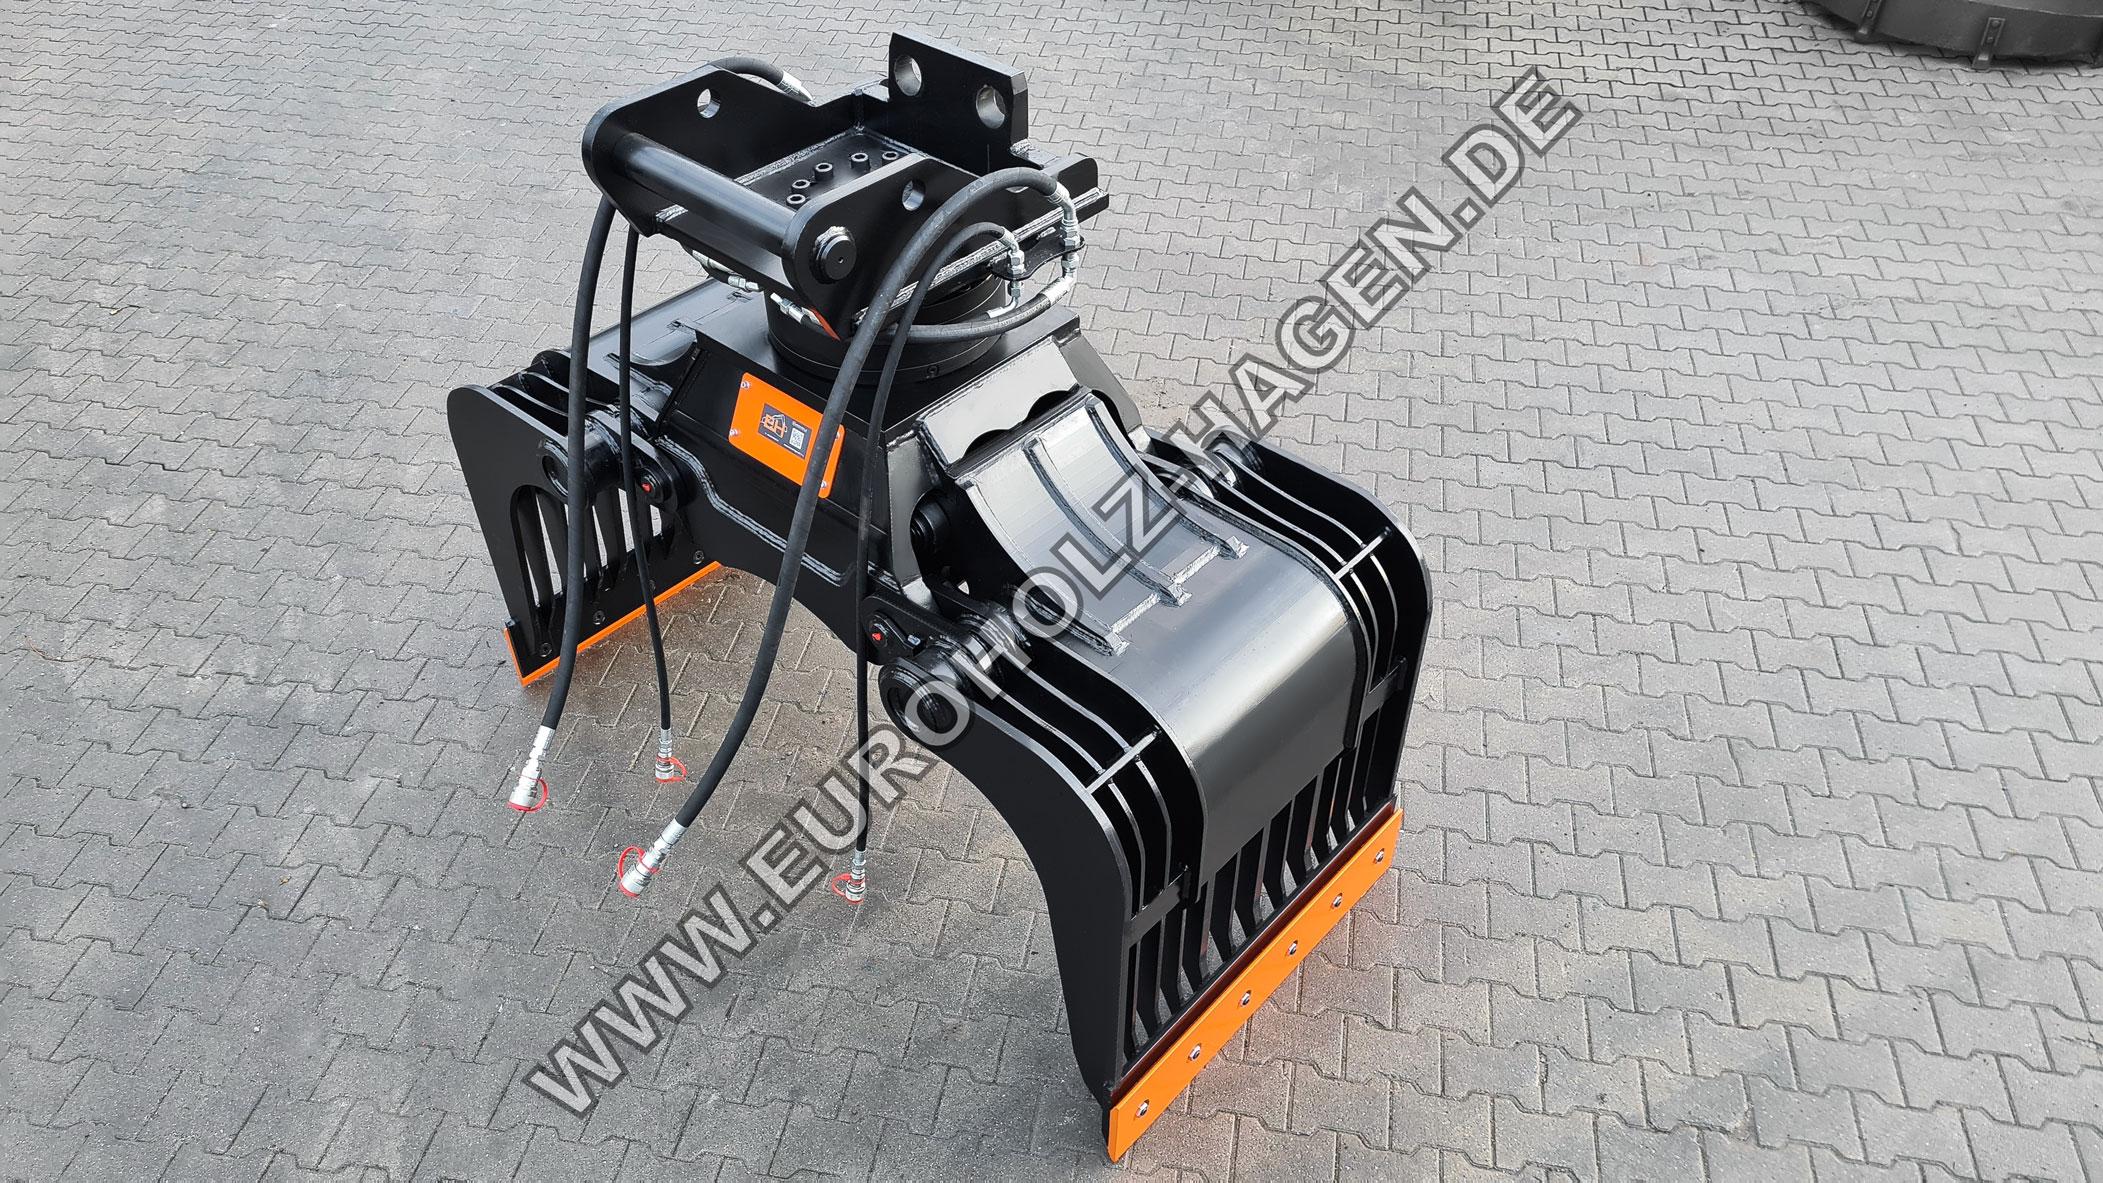 Abbruchgreifer passend für Lehnhoff MS21 / Kat.3 / mit THUMM Rotator Typ 625H / inkl. Leitungen